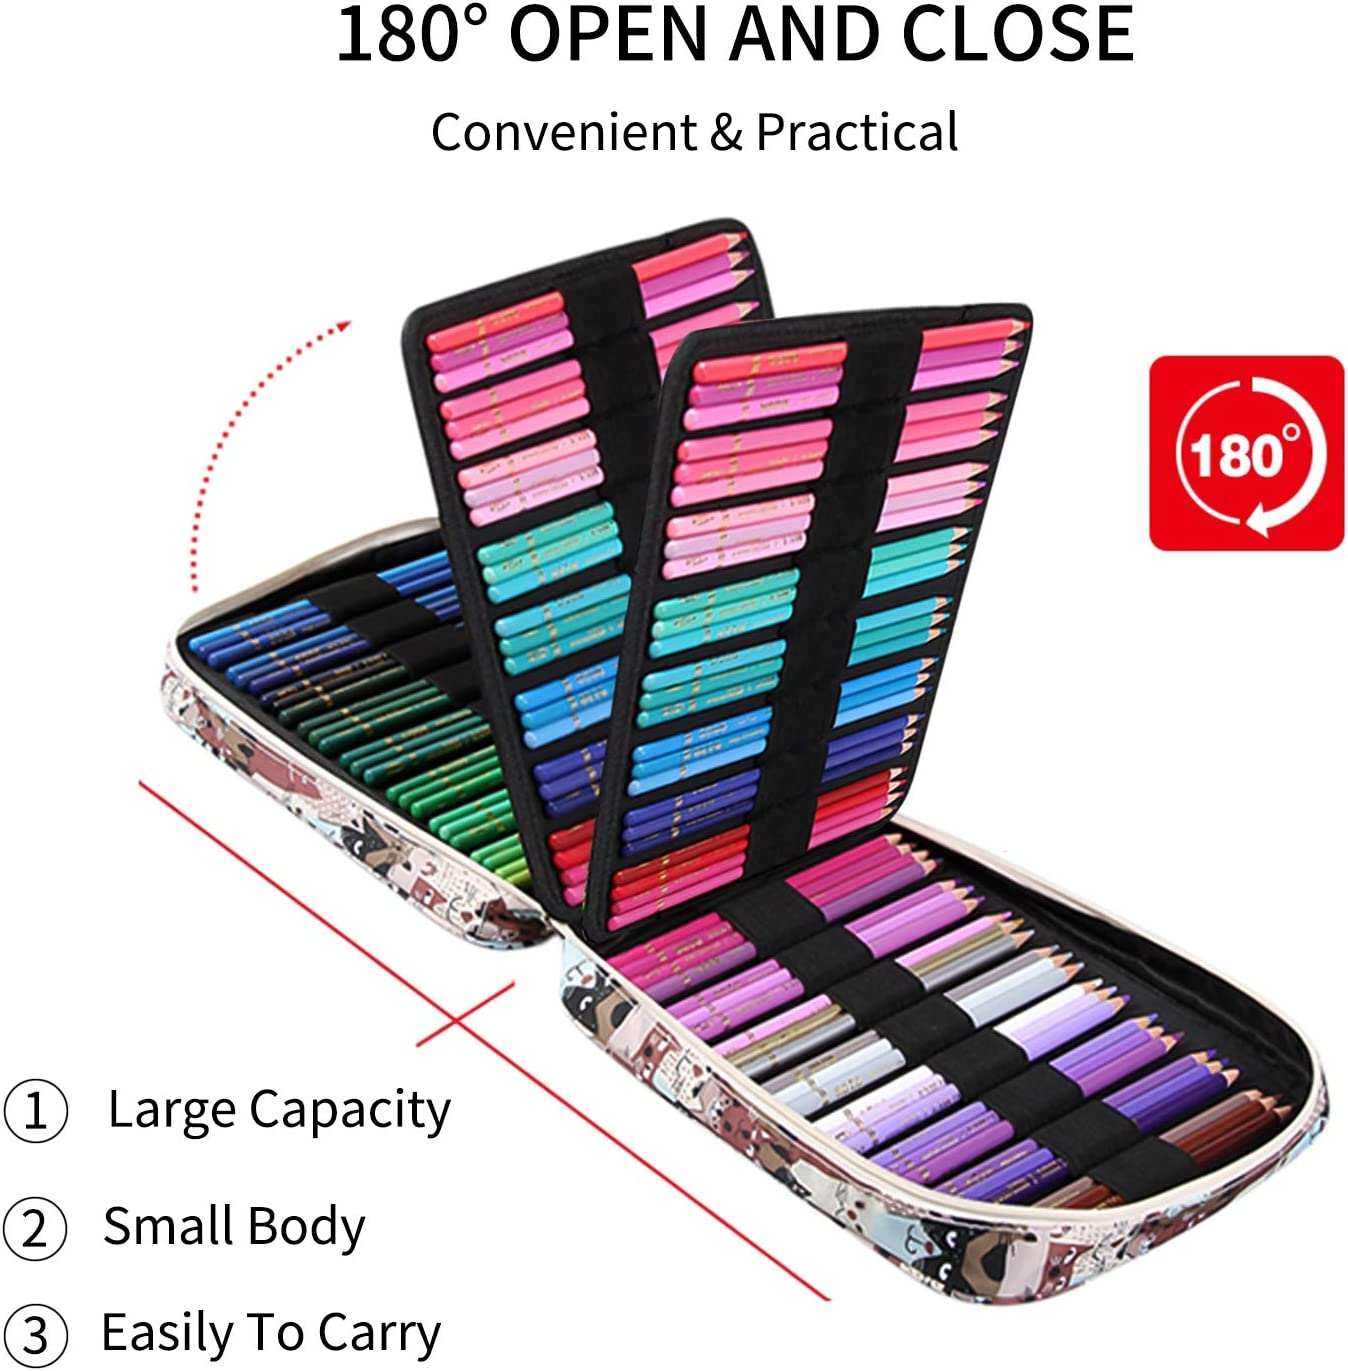 pour enfants MARSACE Trousse//Sac de crayon 150 trousse de crayon Grand Capacit/é avec Manipuler Pencil Case designer adulte artiste Animal